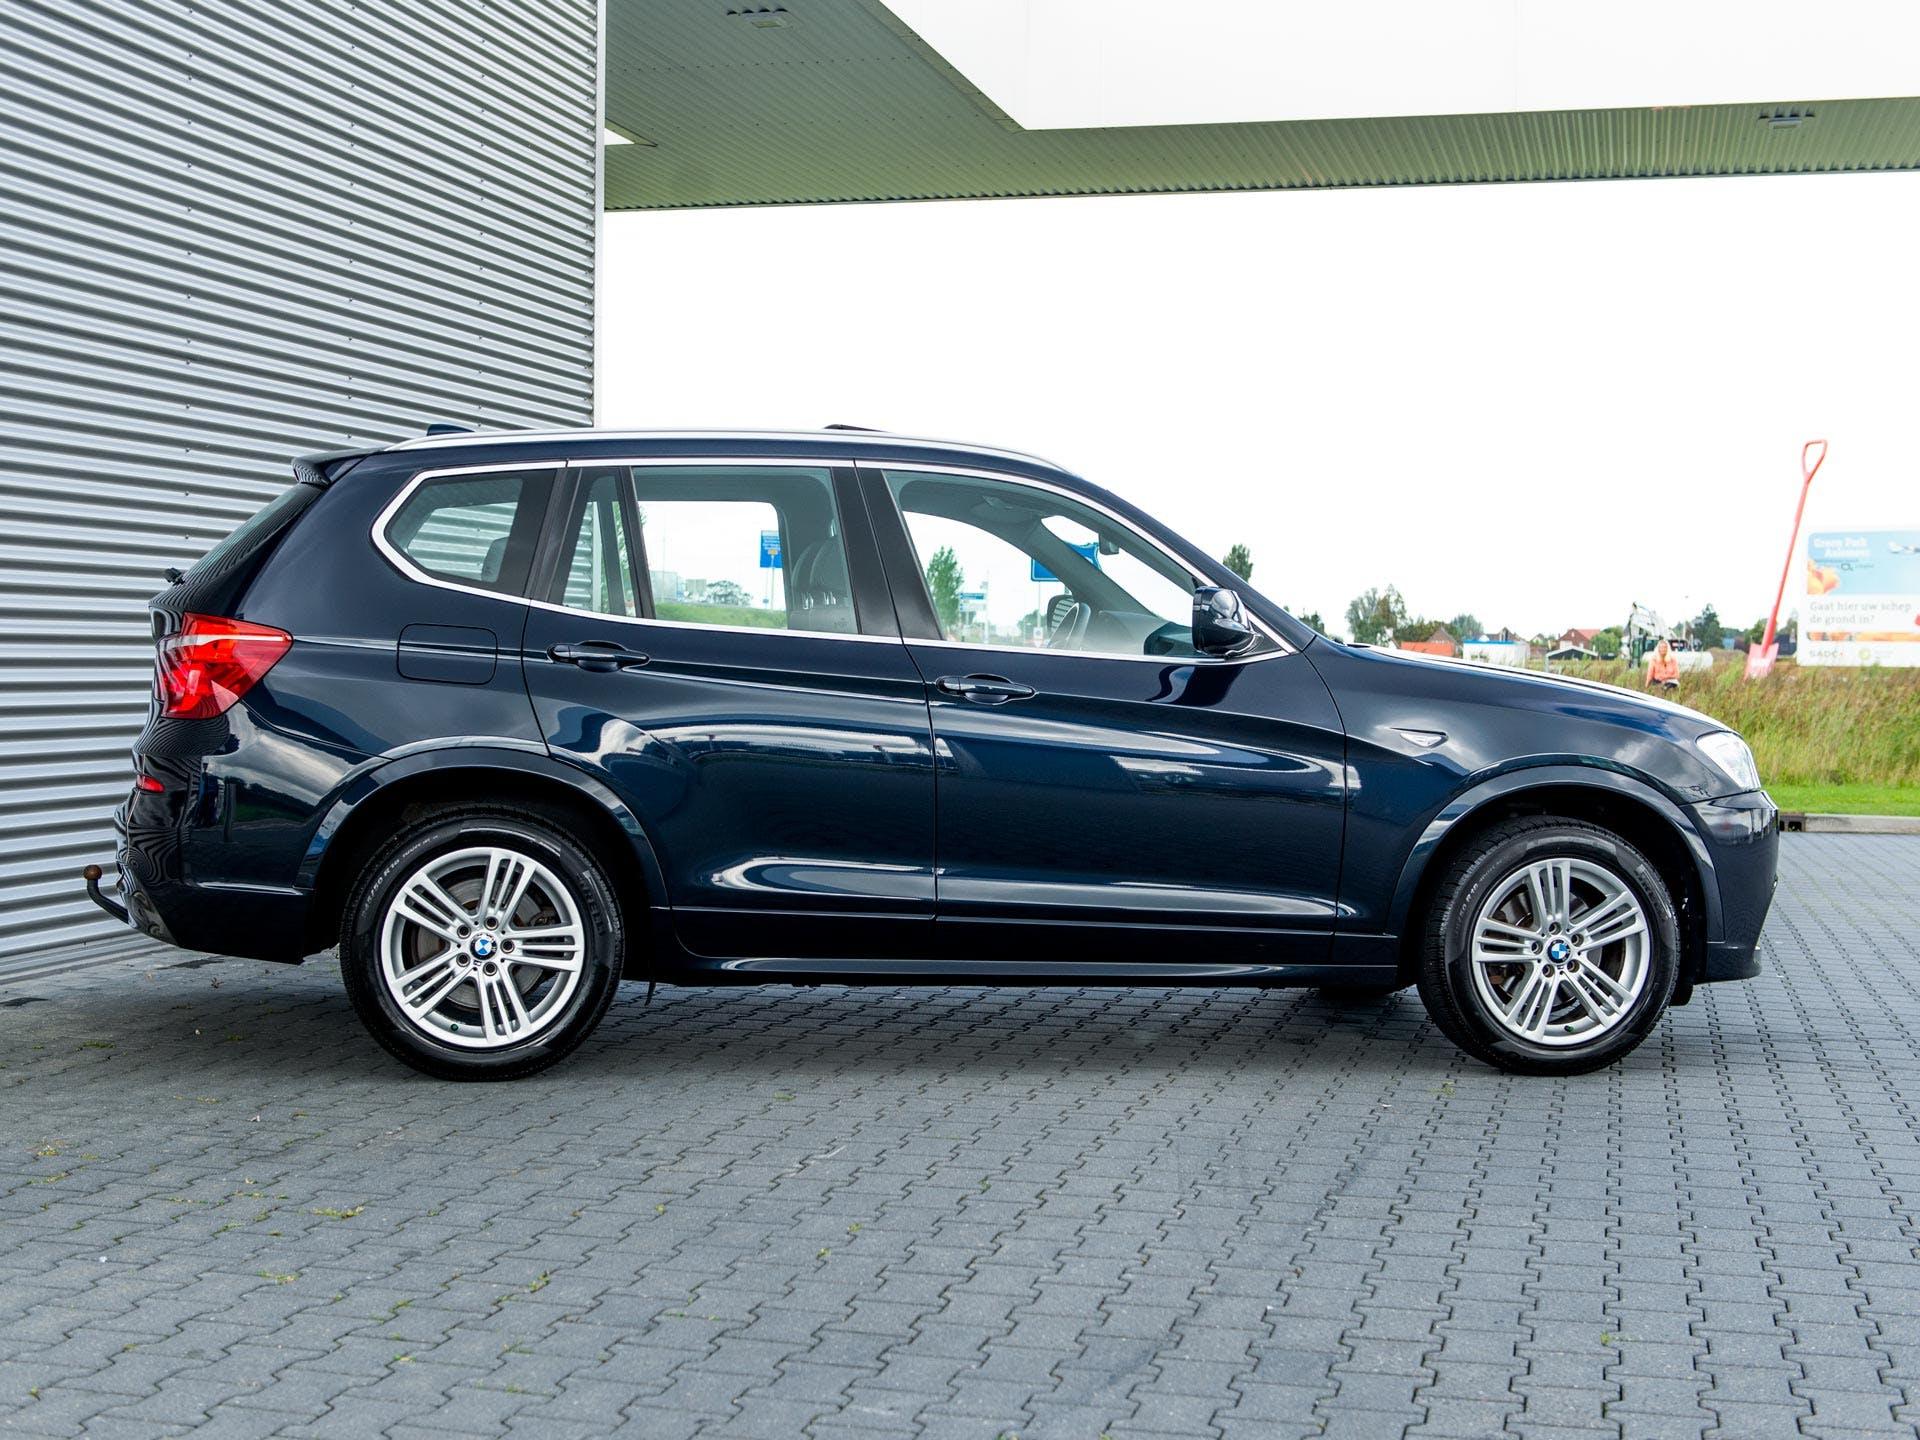 Tweedehands BMW X3 2012 occasion